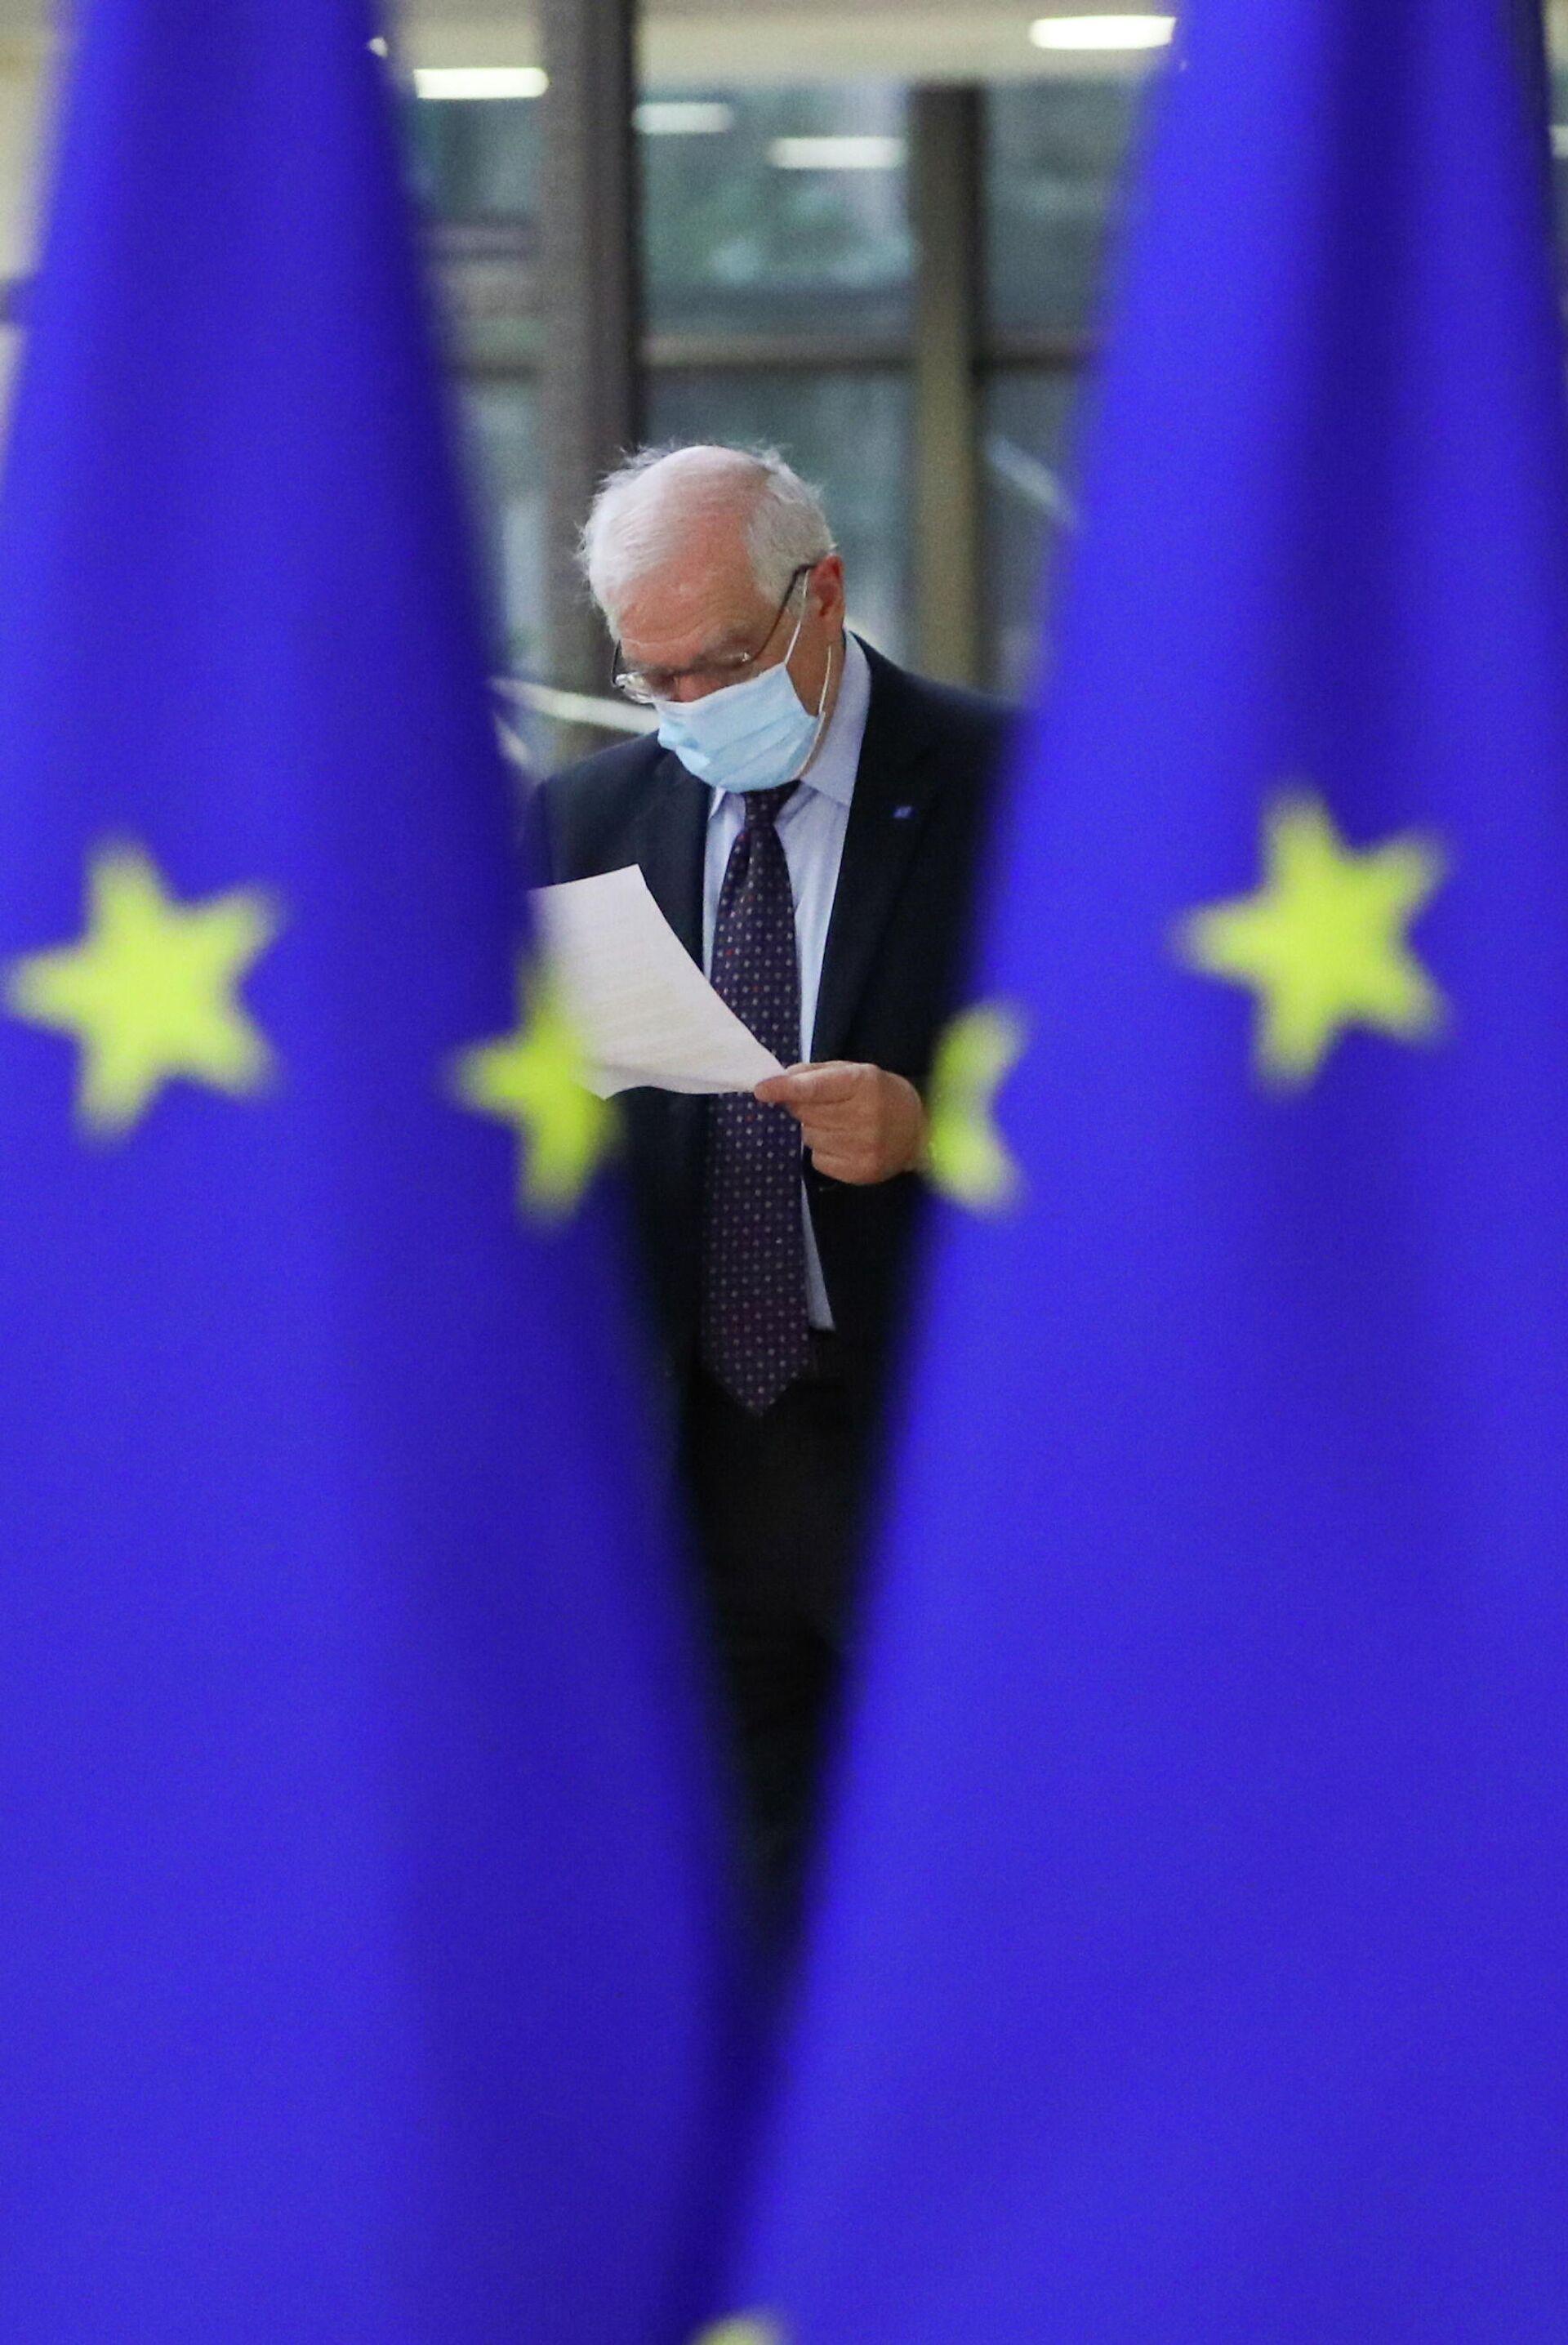 Верховный представитель Евросоюза по иностранным делам и политике безопасности Жозеп Боррель перед началом встречи министров иностранных дел ЕС в Брюсселе - РИА Новости, 1920, 24.02.2021